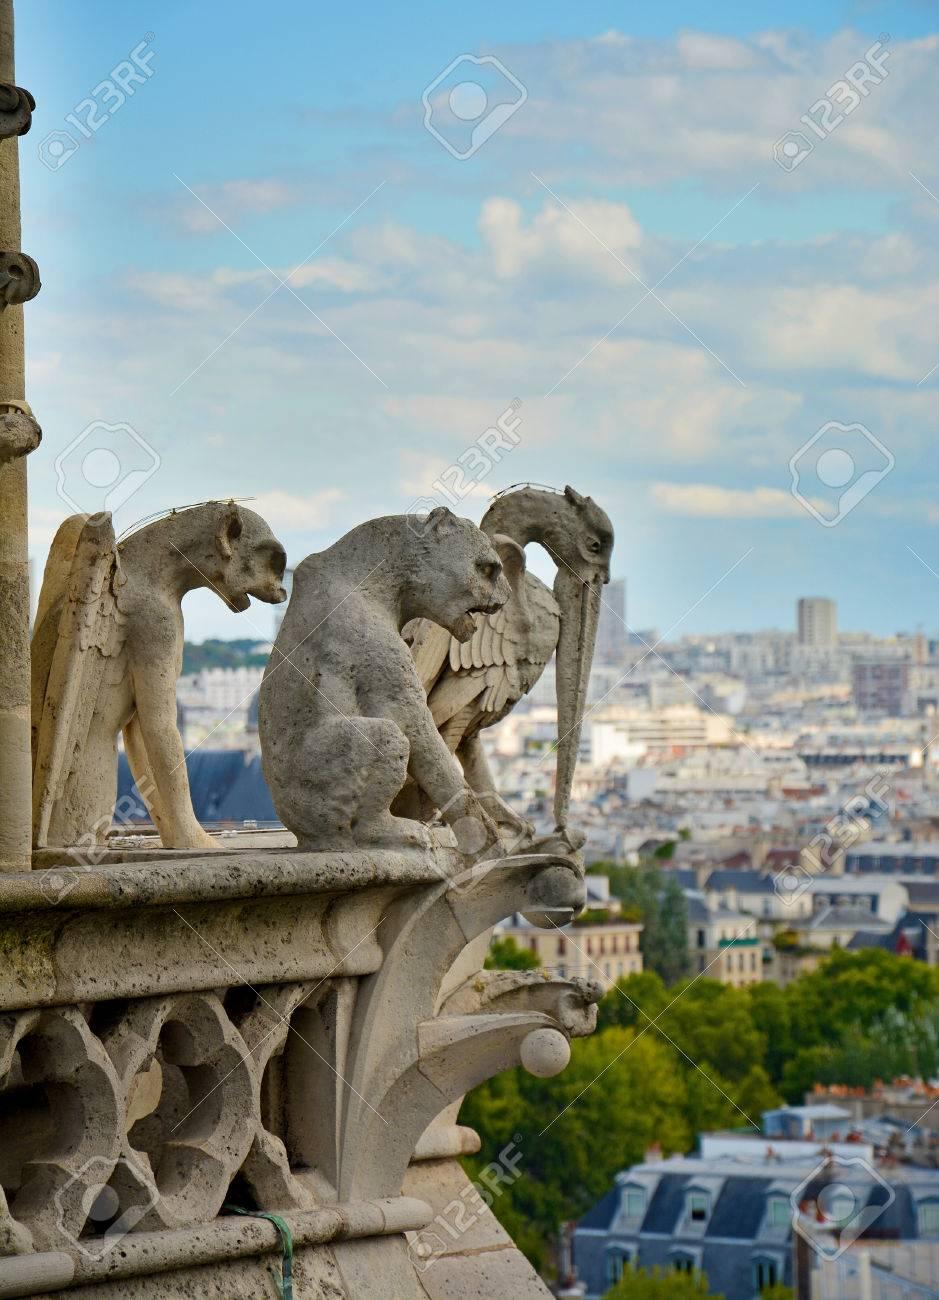 ノートルダム大聖堂、パリ、フランスのガーゴイル 写真素材 , 31455211